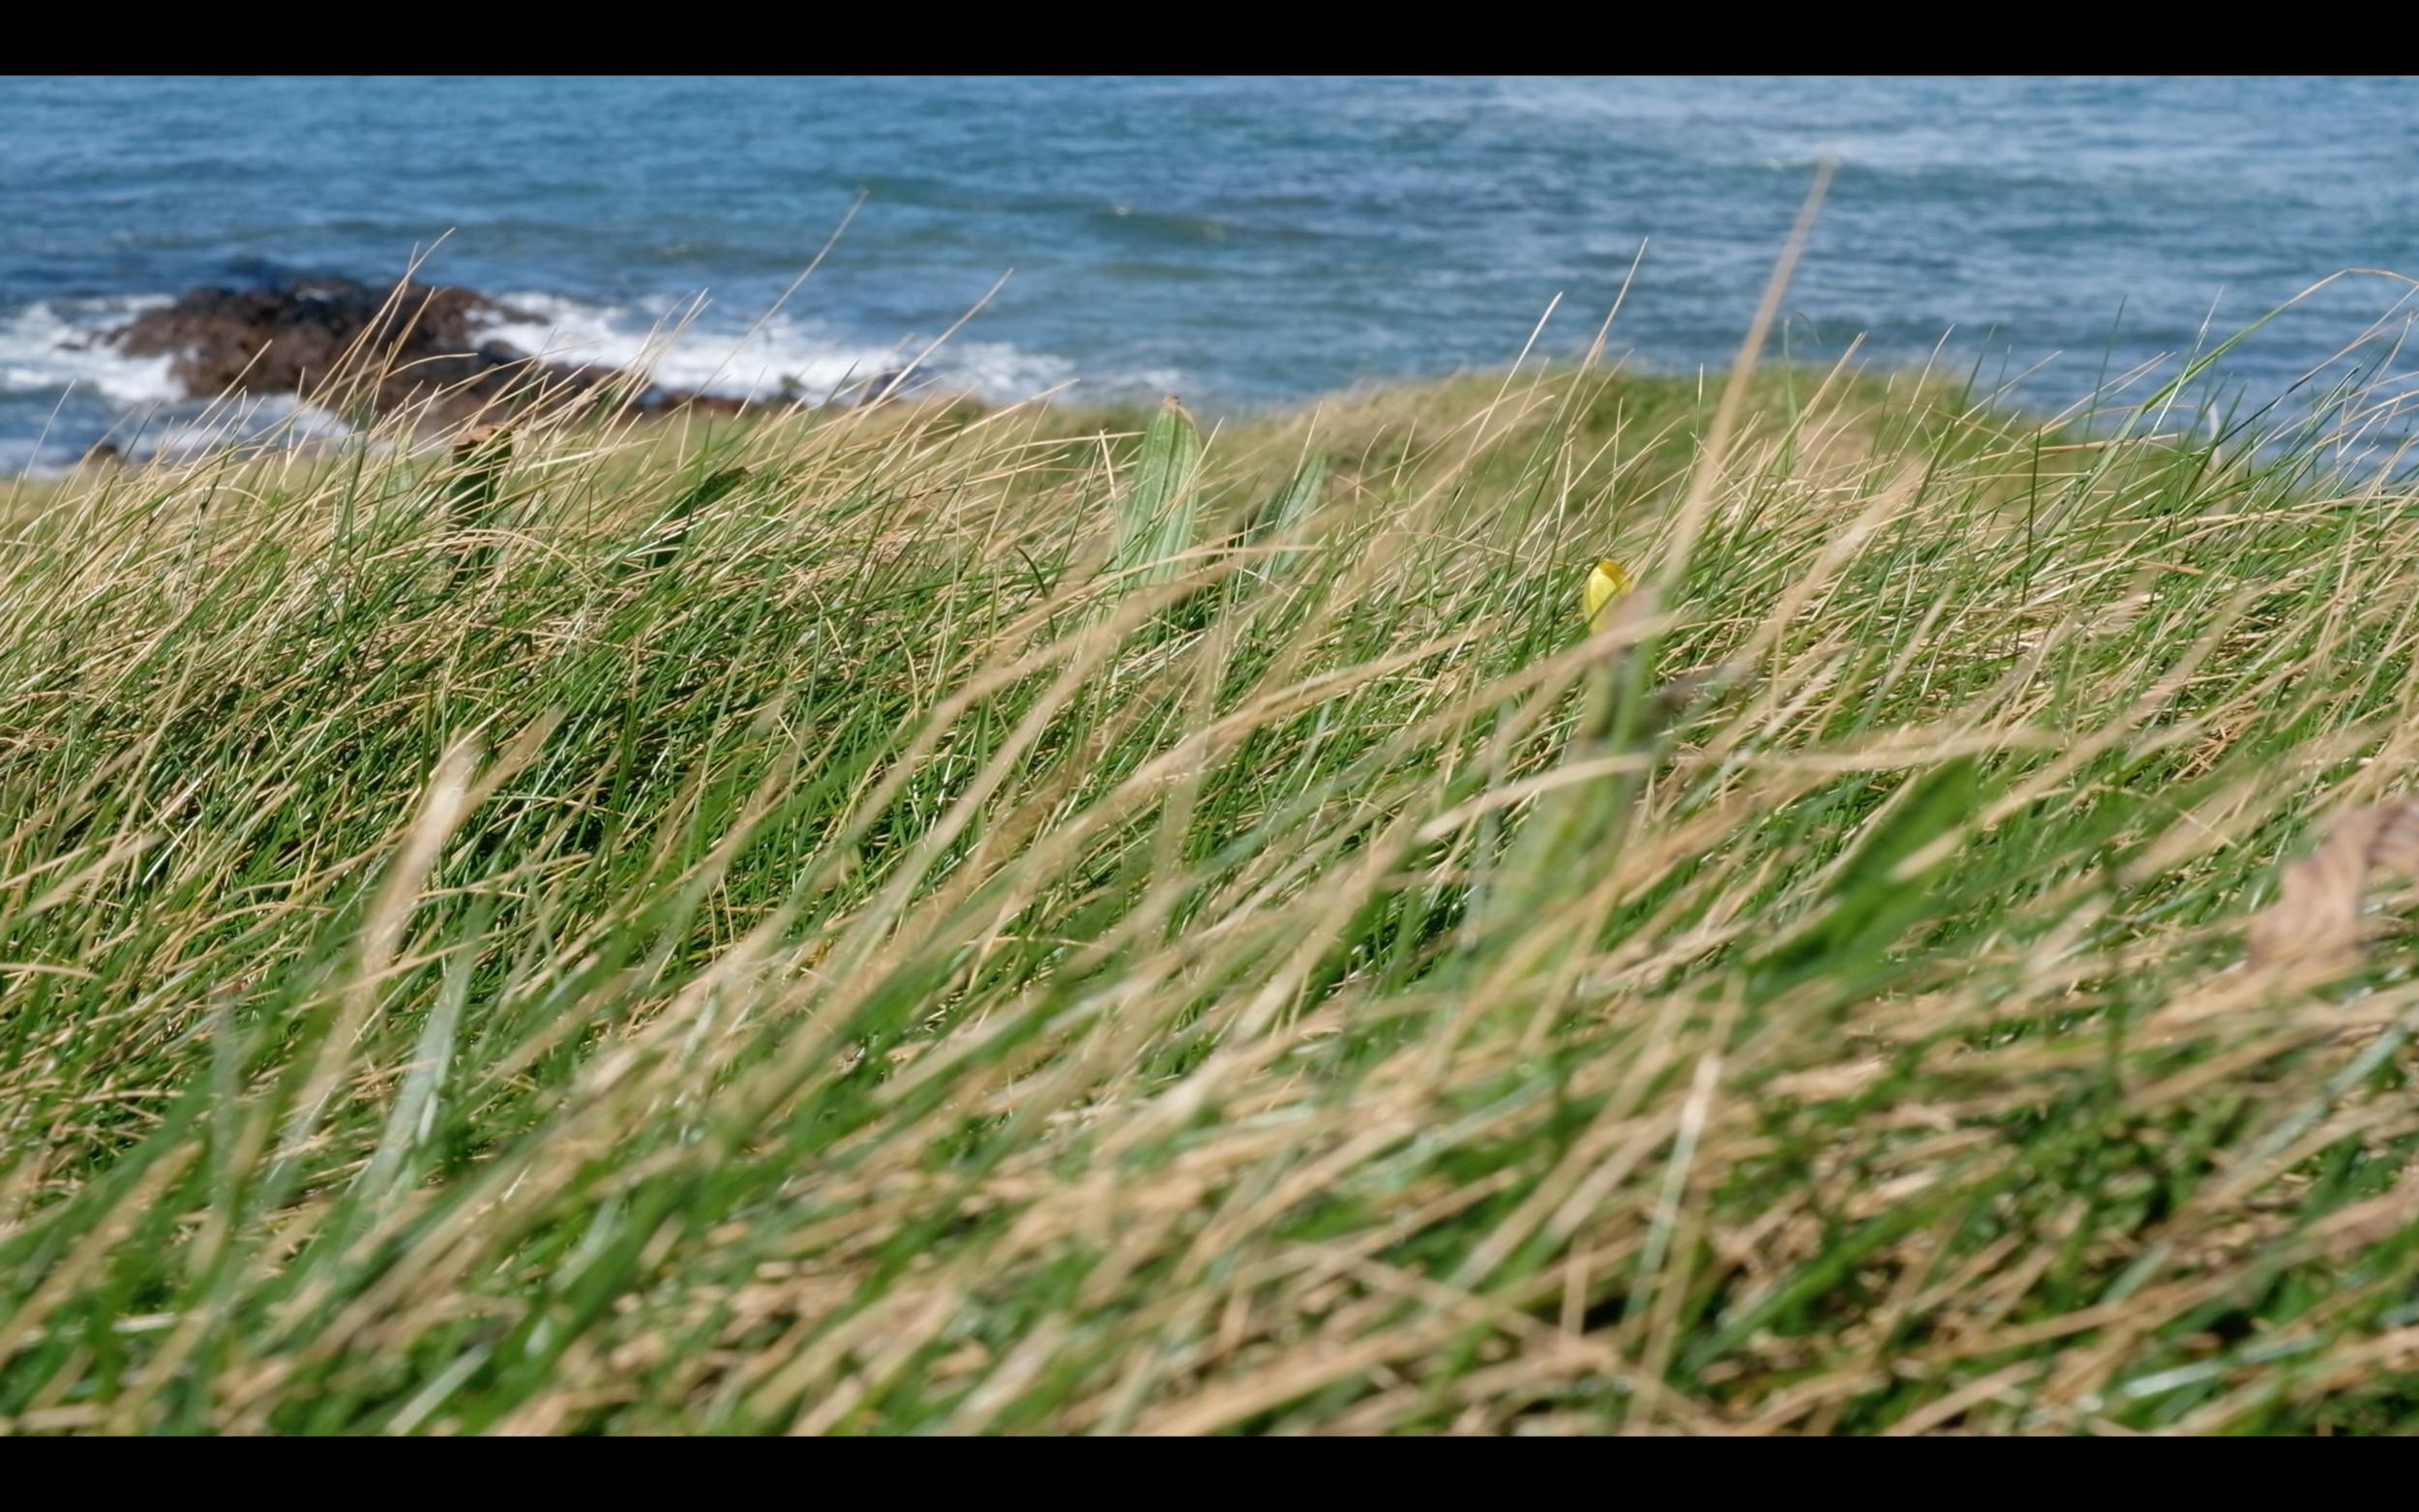 Screen Shot 2019-05-14 at 15.42.37.png